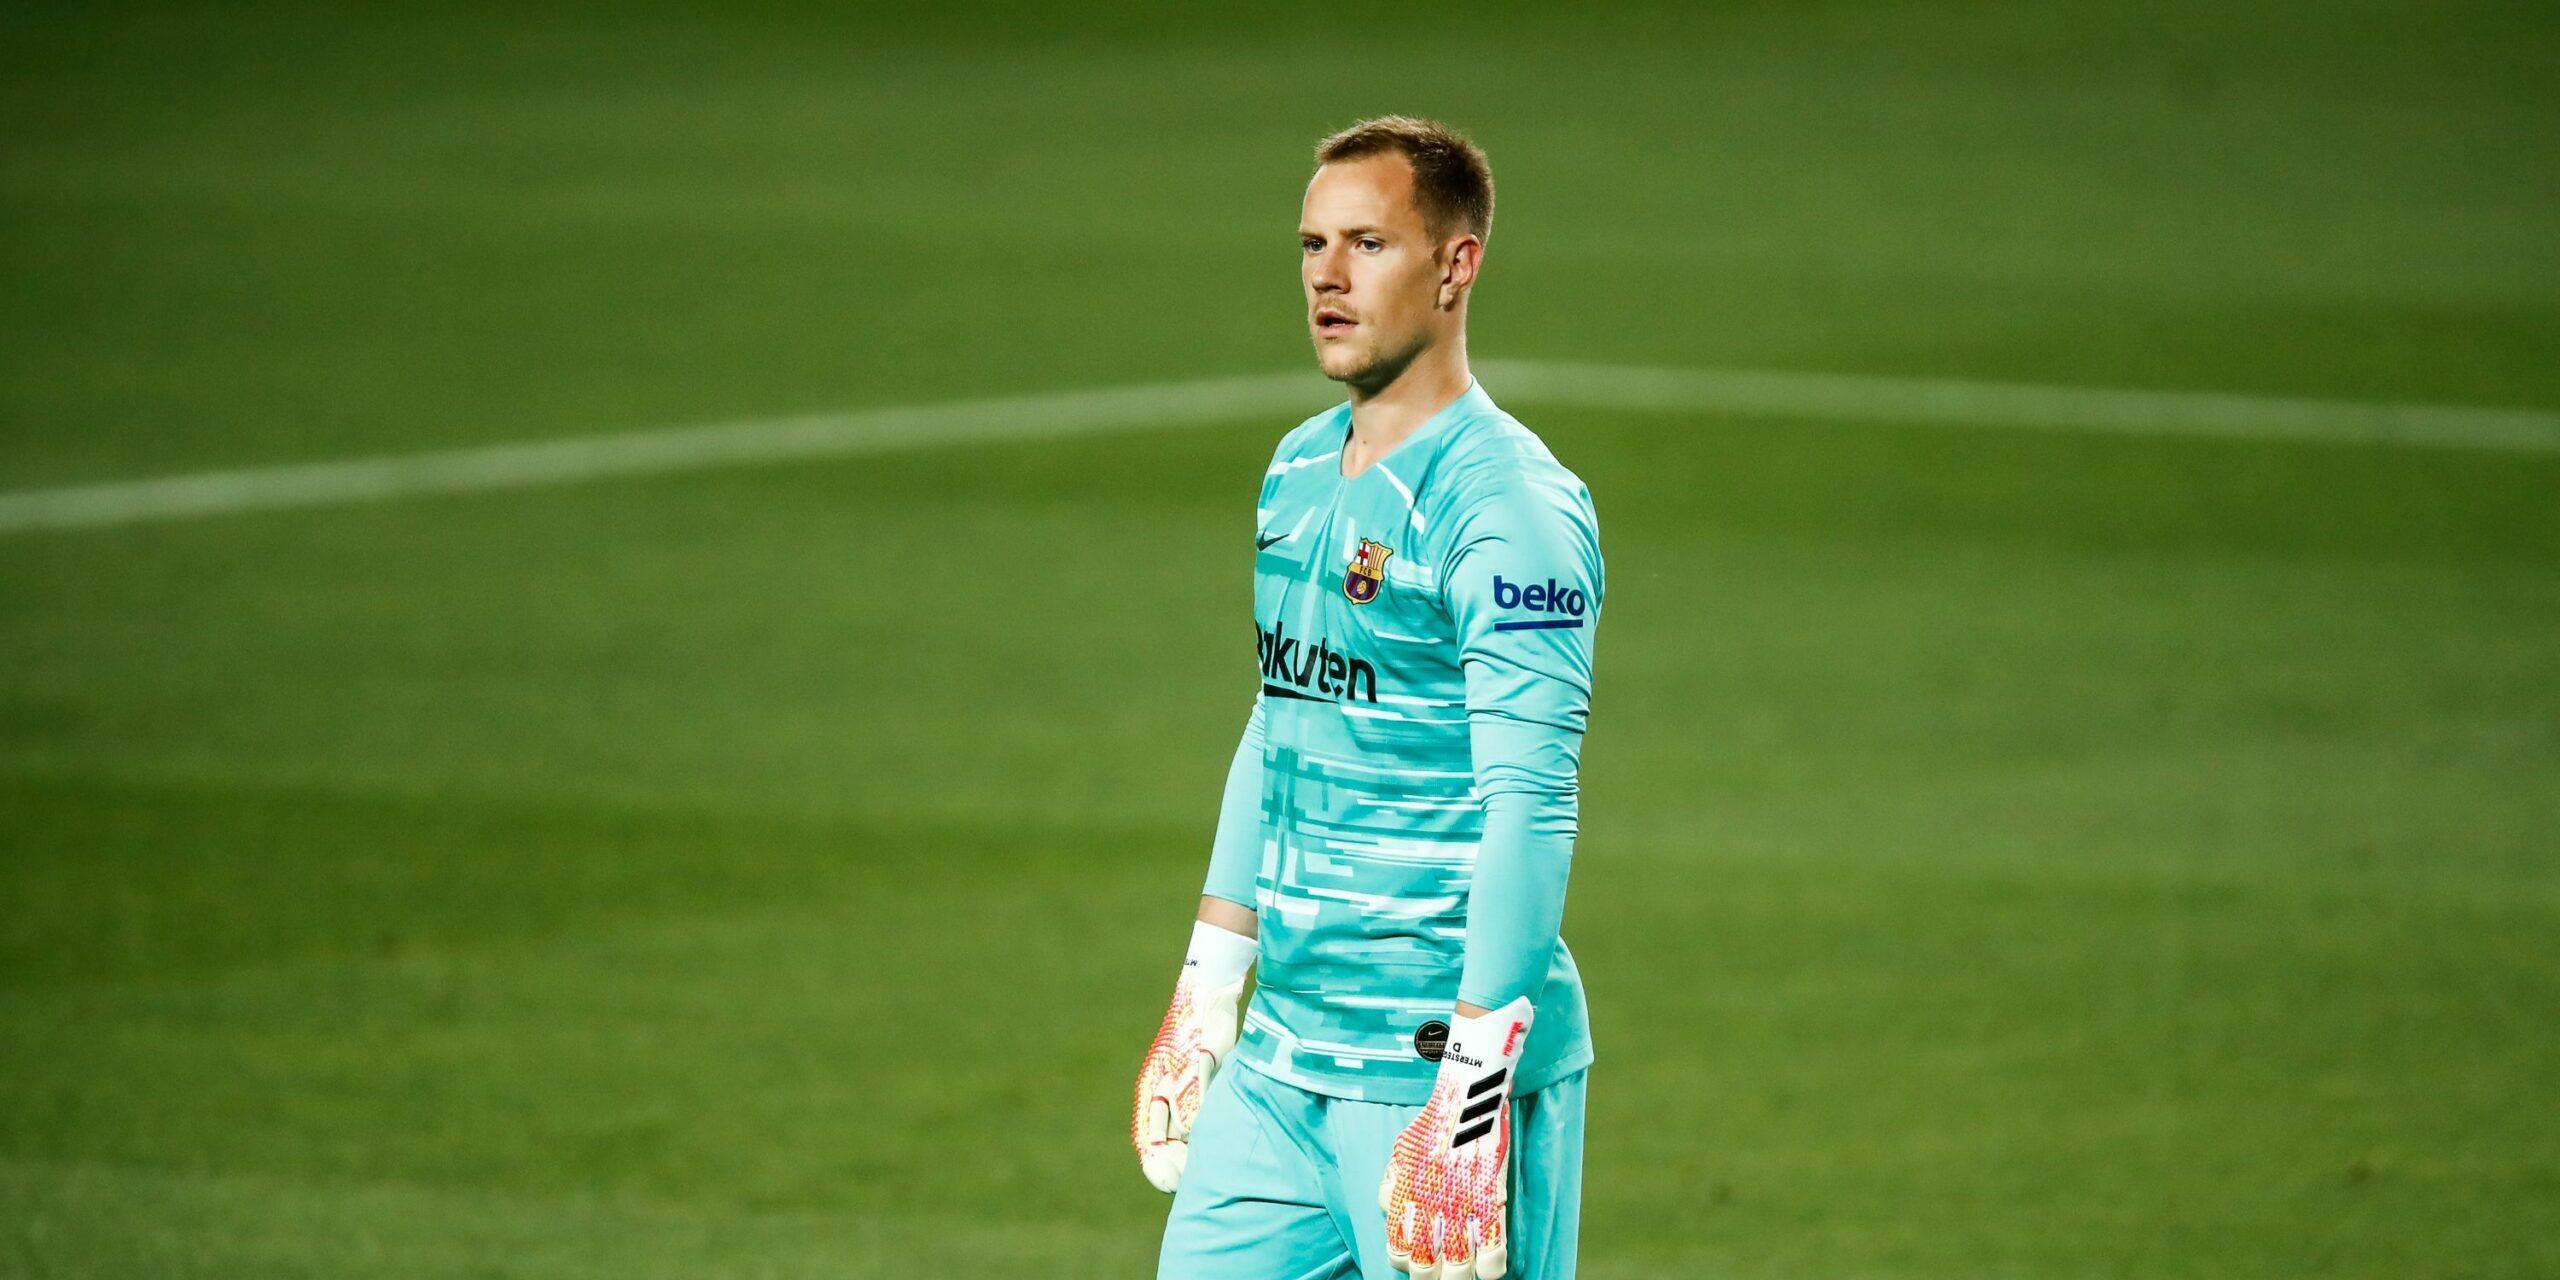 Ter Stegen, durant el partit contra l'Espanyol |Europa Press